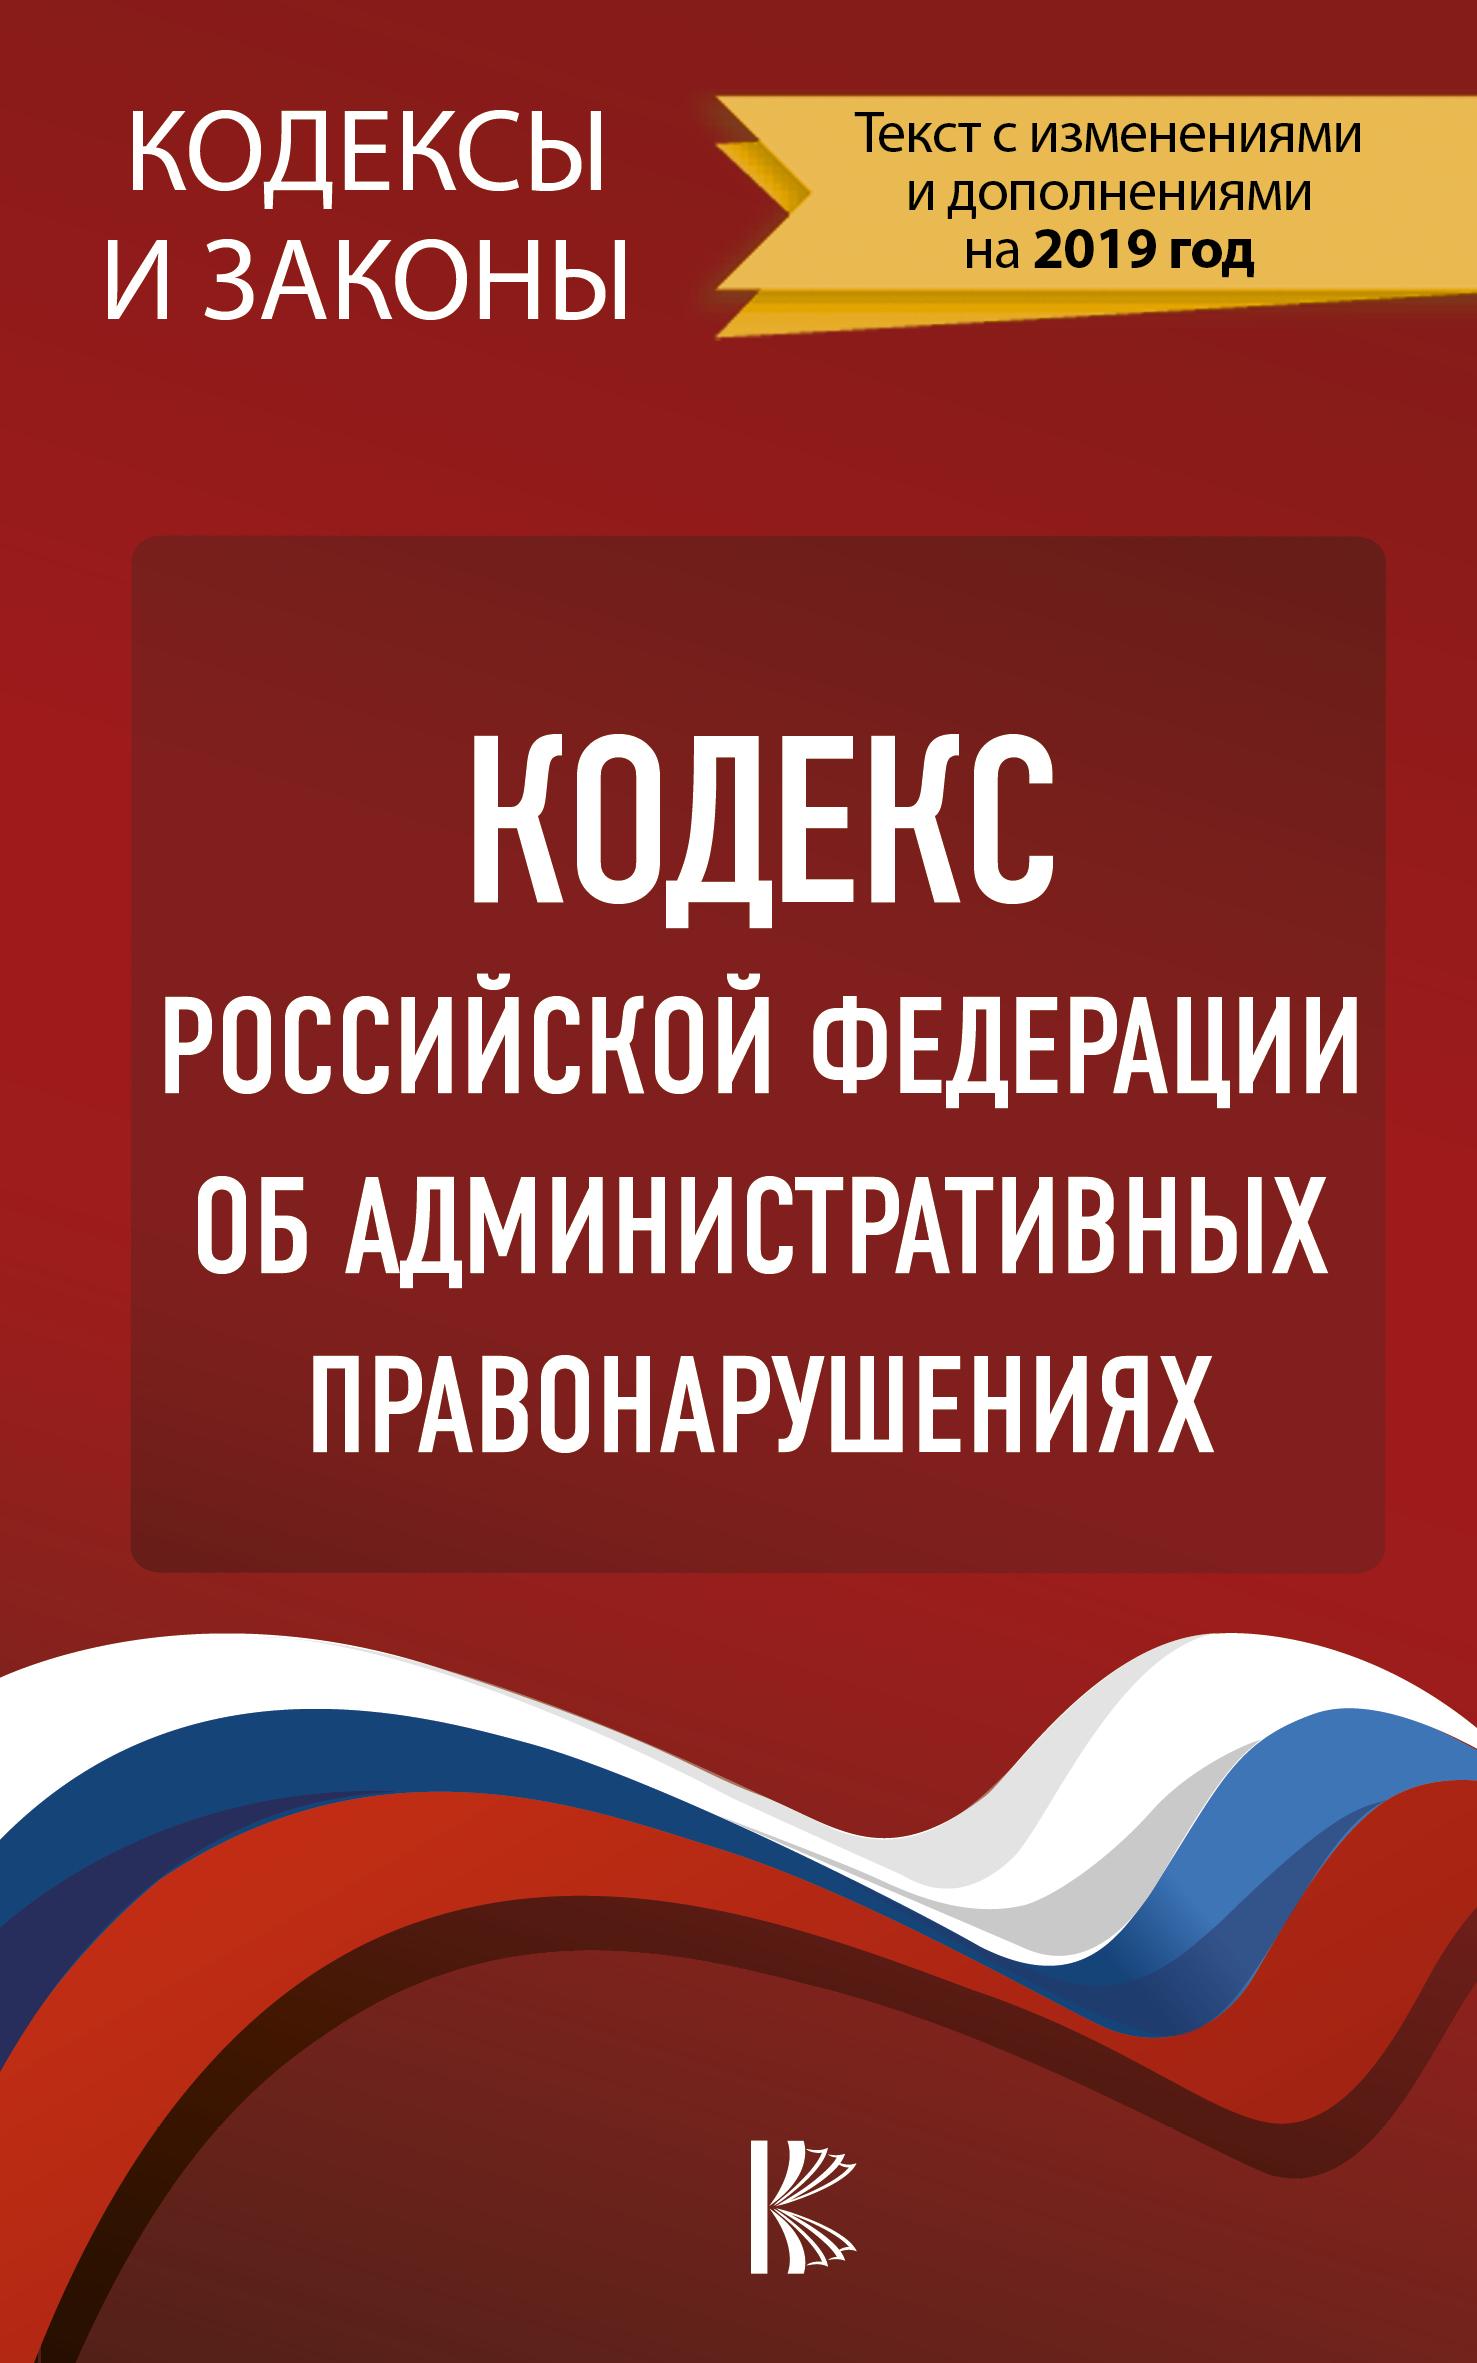 Кодекс Российской Федерации об административных правонарушениях на 2019 год 10 020 плакетка дом правительства российской федерации